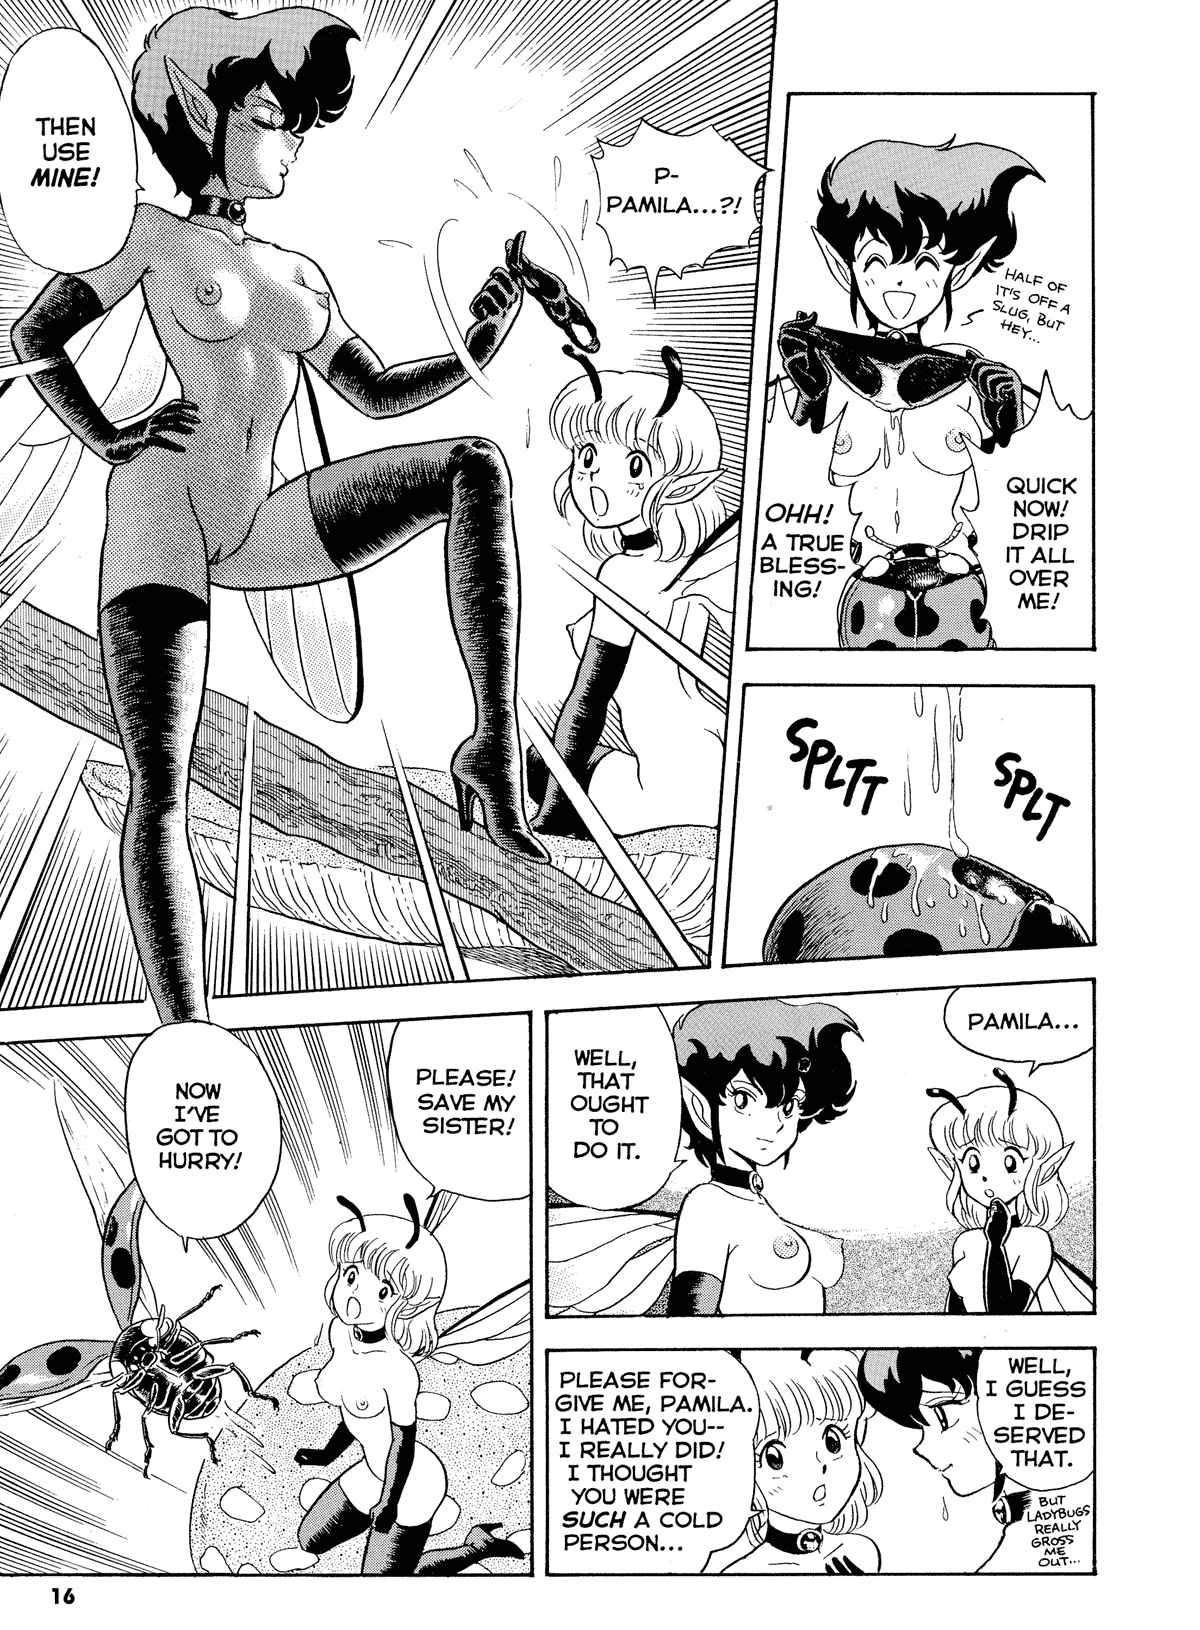 Sailor moon hentai site